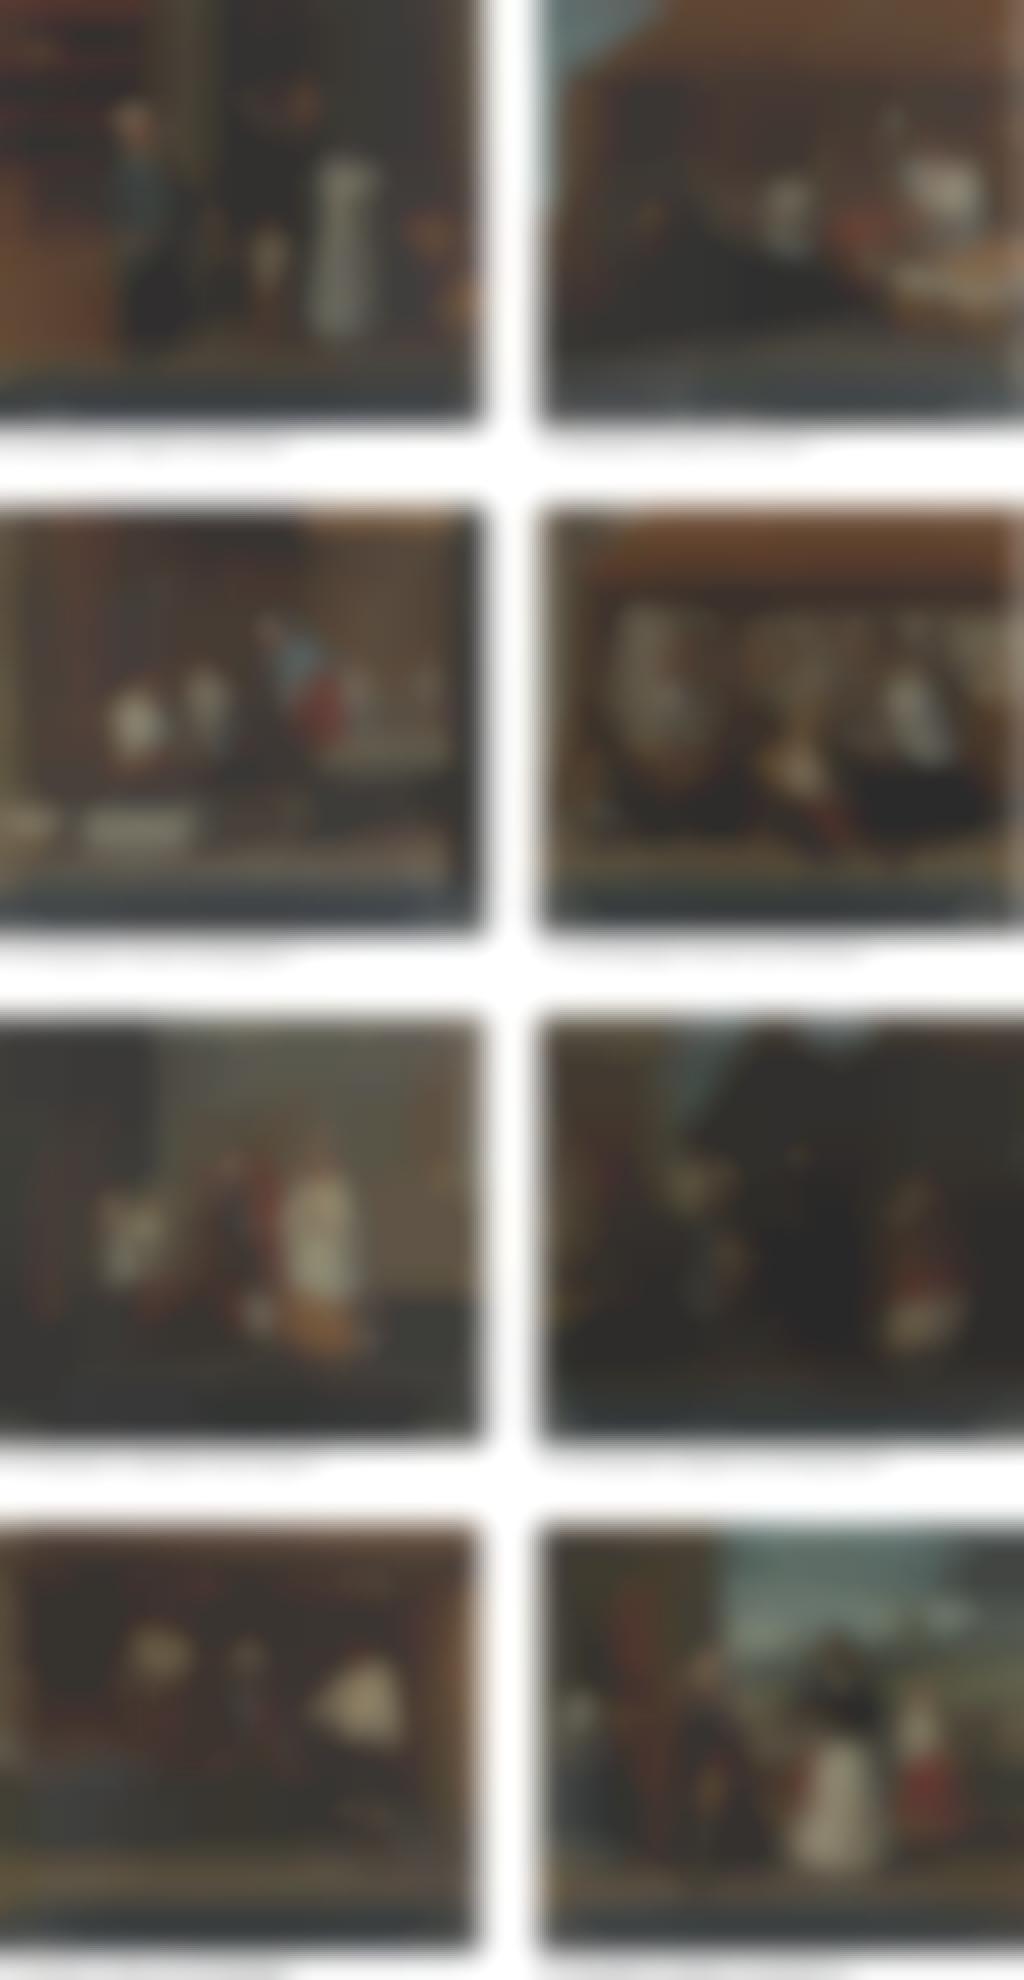 Jose de Alcibar-A Group Of Eight Casta Paintings: (I) De Espanol, Y Negra, Nace Mulata; (II) De Mulato, E India, Nace Chino; (III) De Espanol, E India, Nace Mestiza; (IV) De Sambaygo, E India, Nace Cambujo; (V) De Espanol, Y Mestiza, Nace Castizo; (VI) De Cambujo, Y Mulata, Nace Albarazado; (VII) De Indio, Y Loba, Nace Sambayga; (VIII) De Espanol, Y Mulata, Nace Morisca-1778